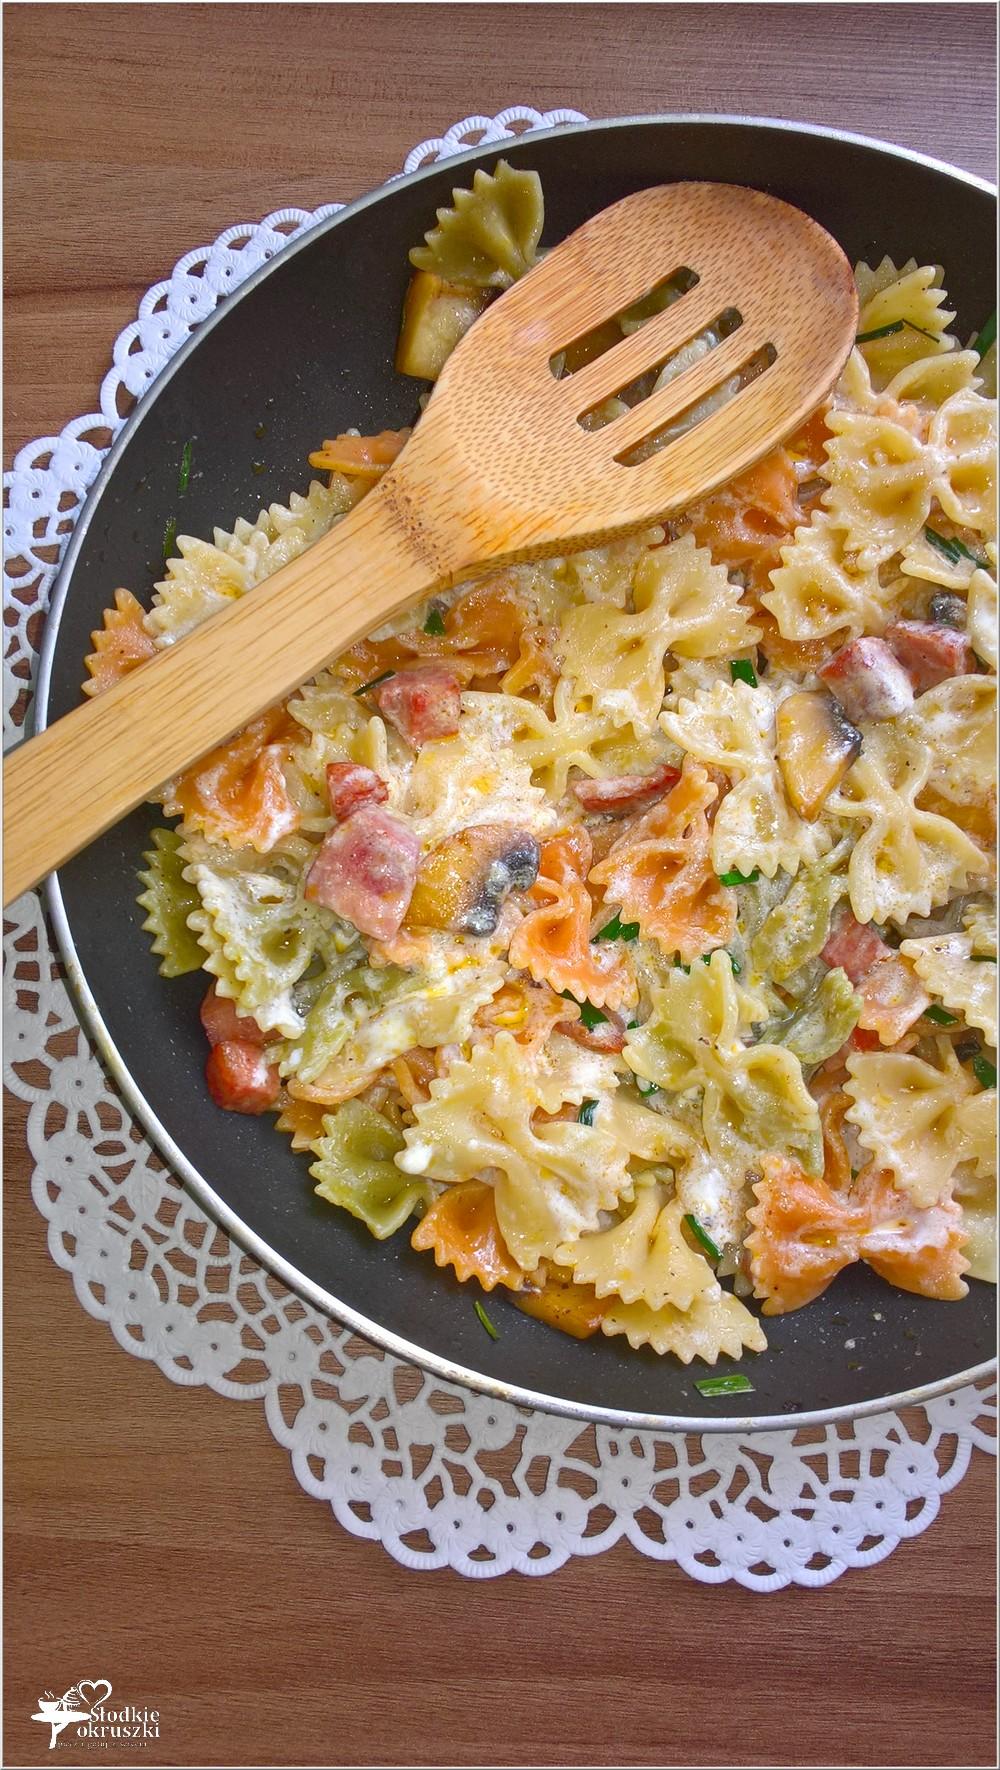 Makaronowe kokardki z pieczarkami i kiełbasą żywiecką (1)